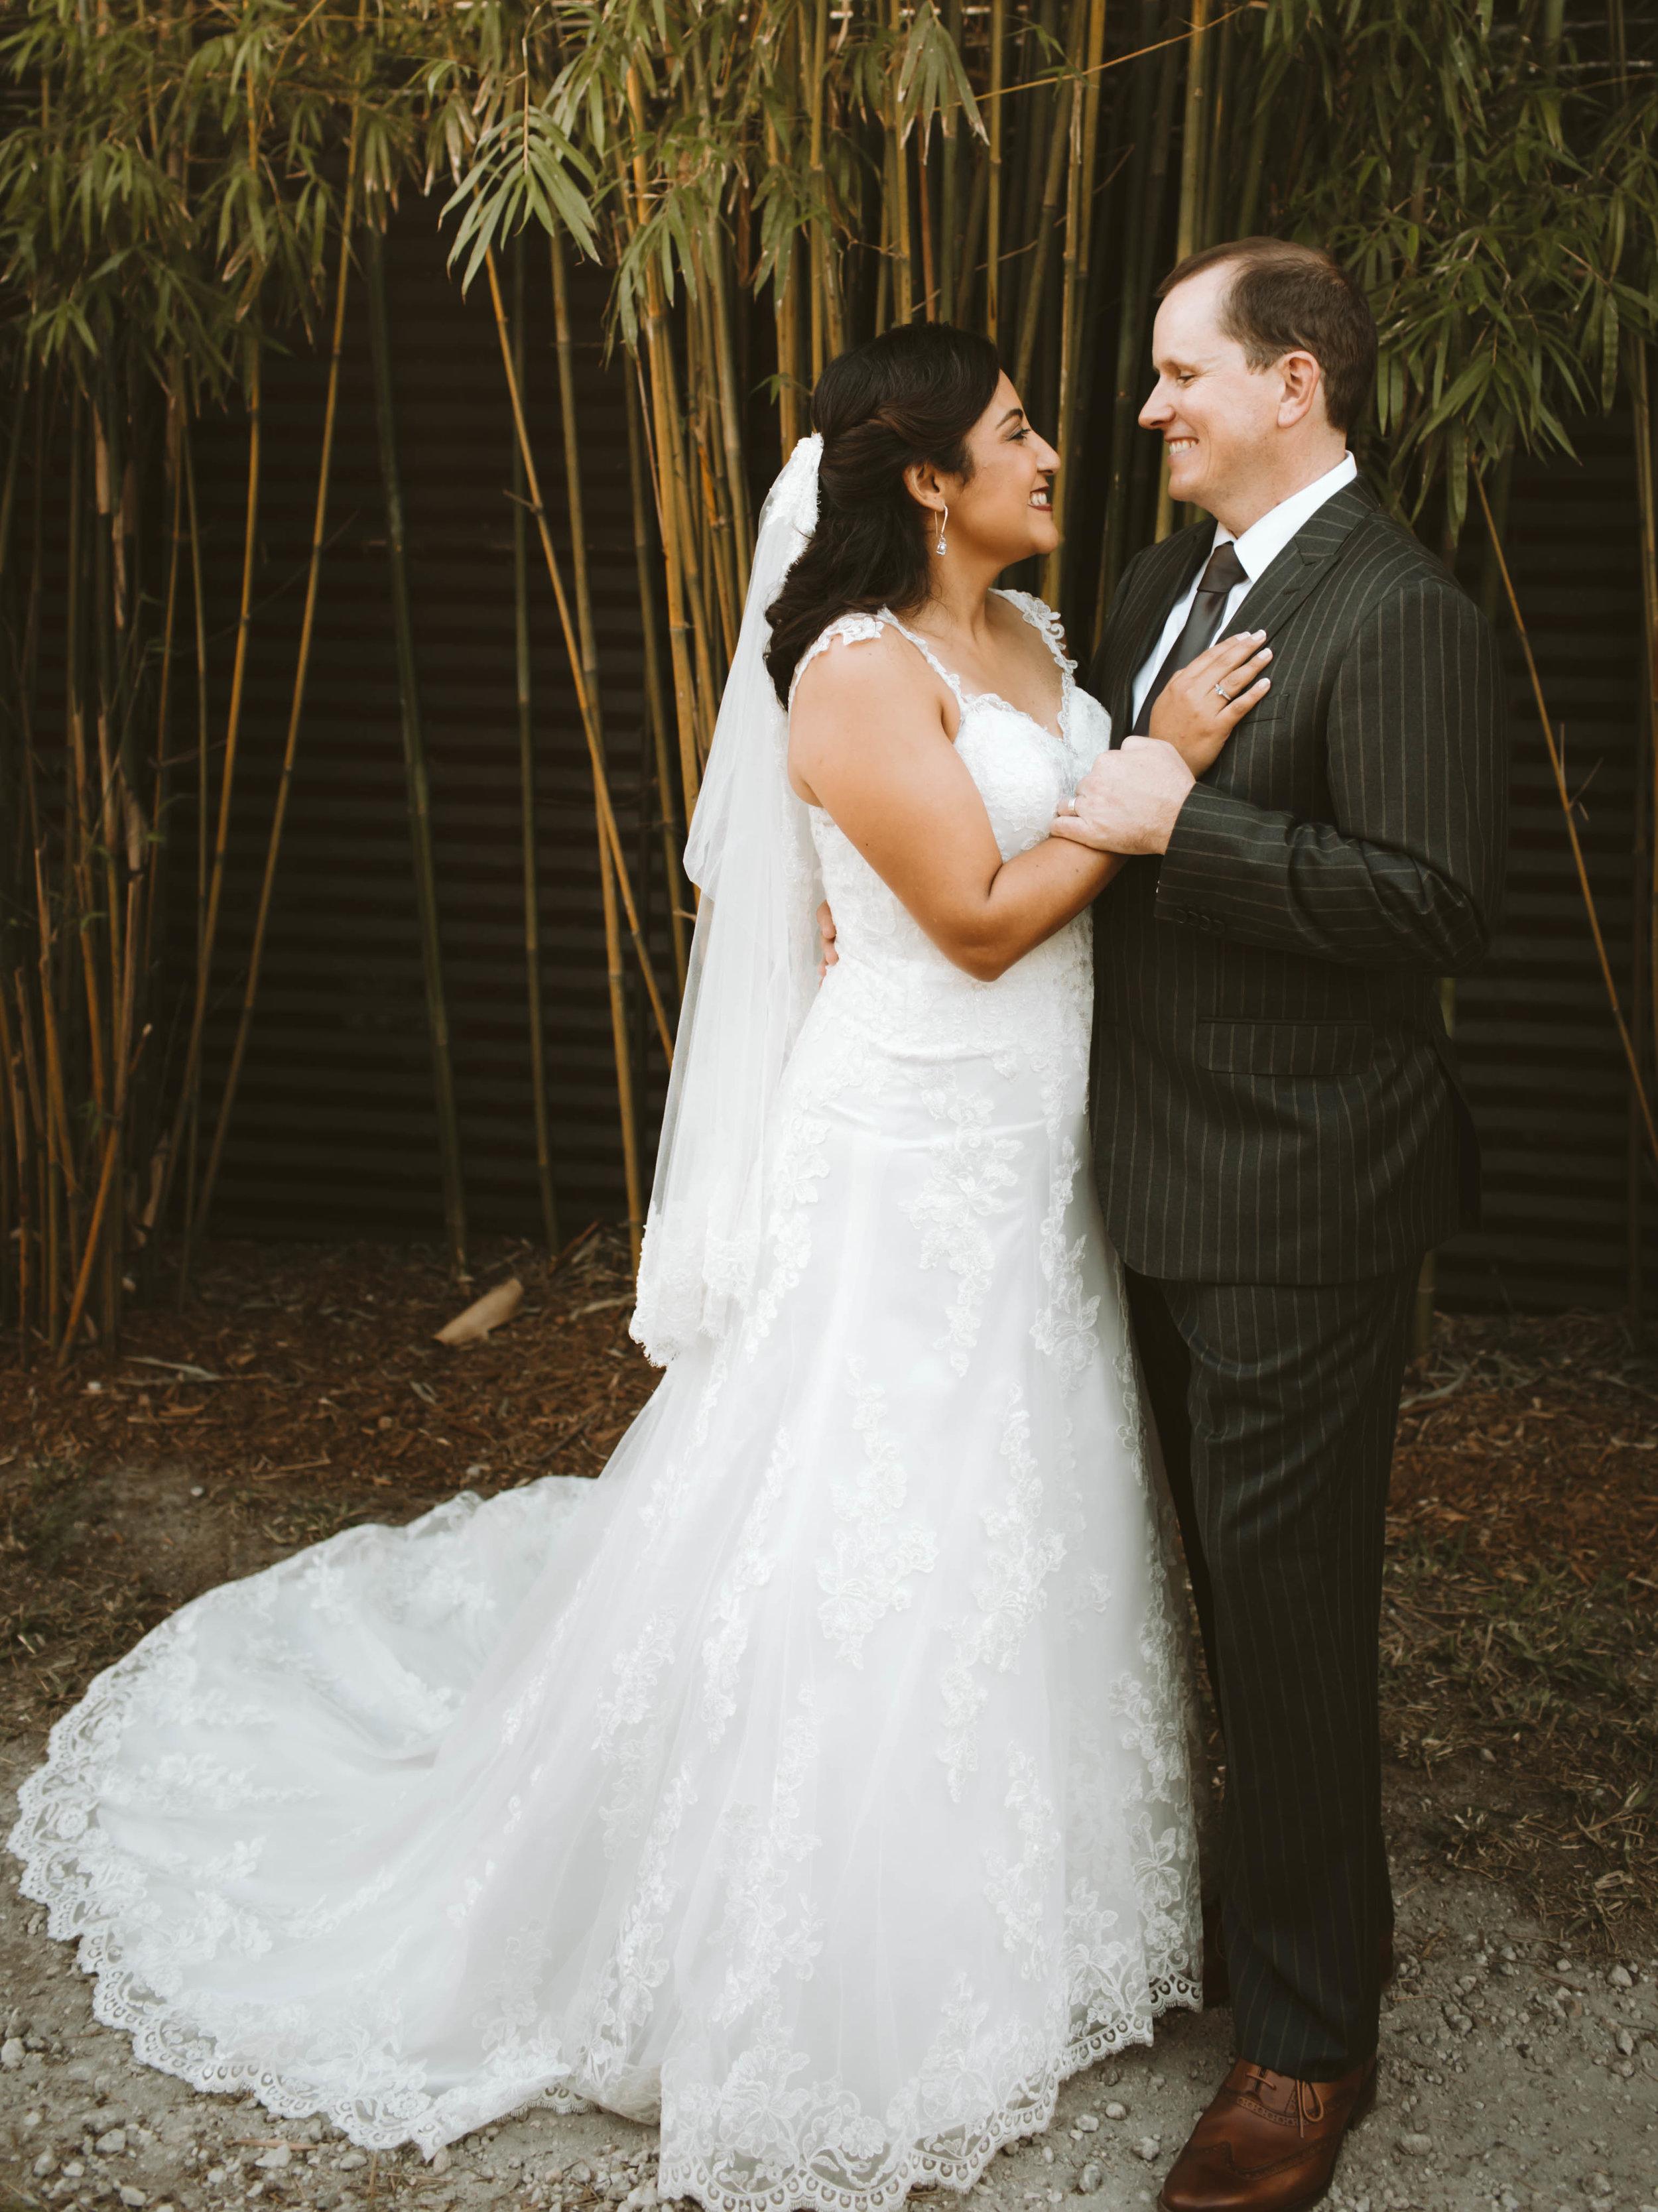 Wedding | Ian and Juli | Vanessa Boy | vanessaboy.com-368.jpg